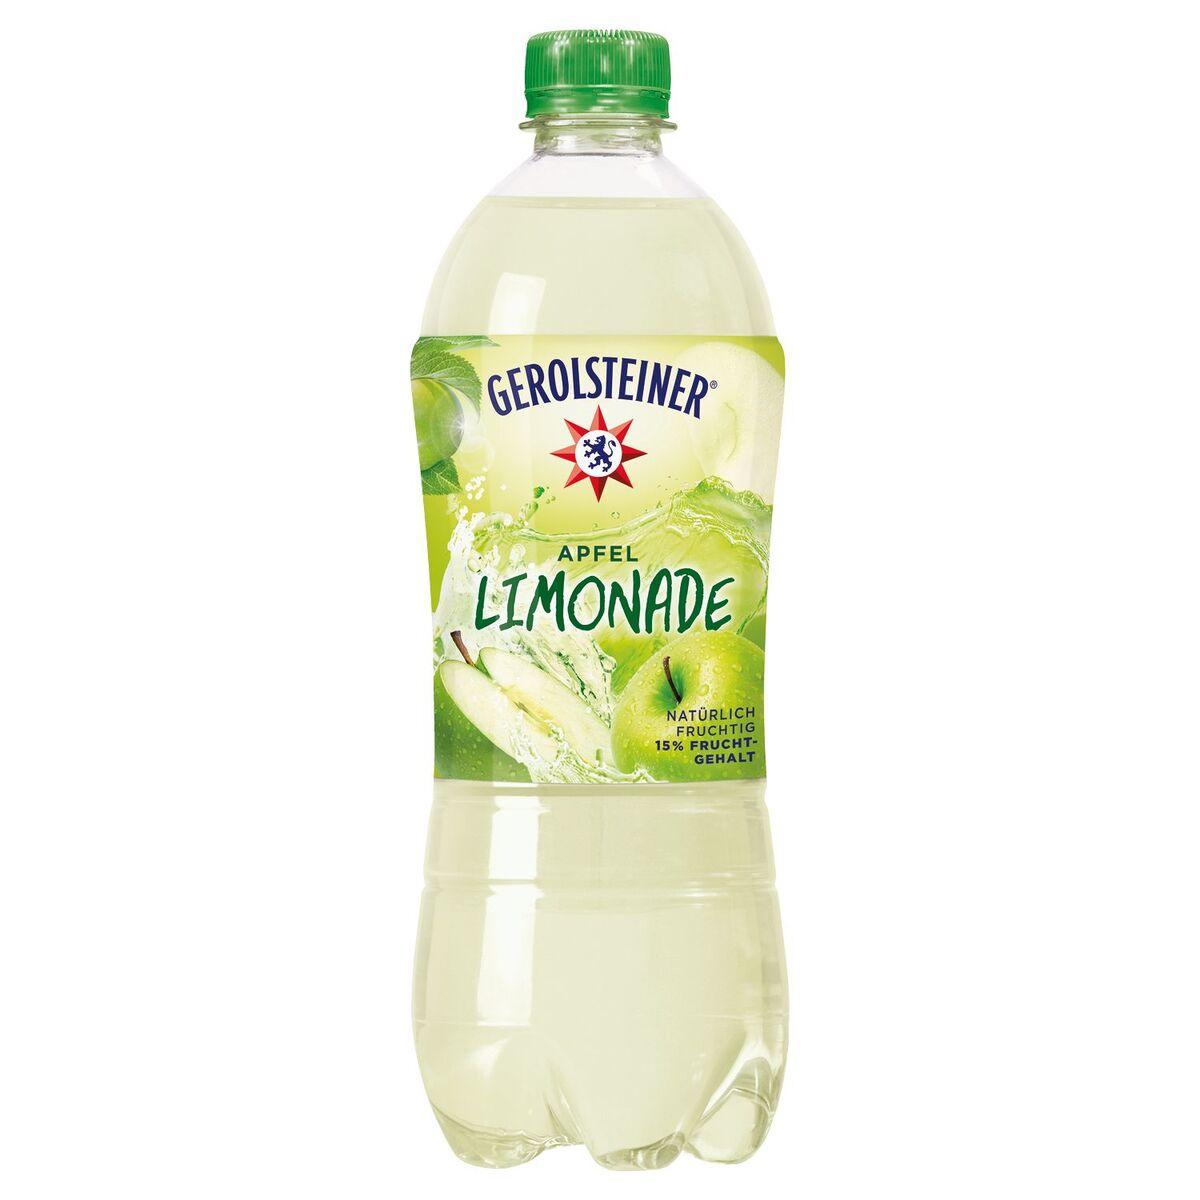 Bild 2 von GEROLSTEINER Limonade 0,75 l